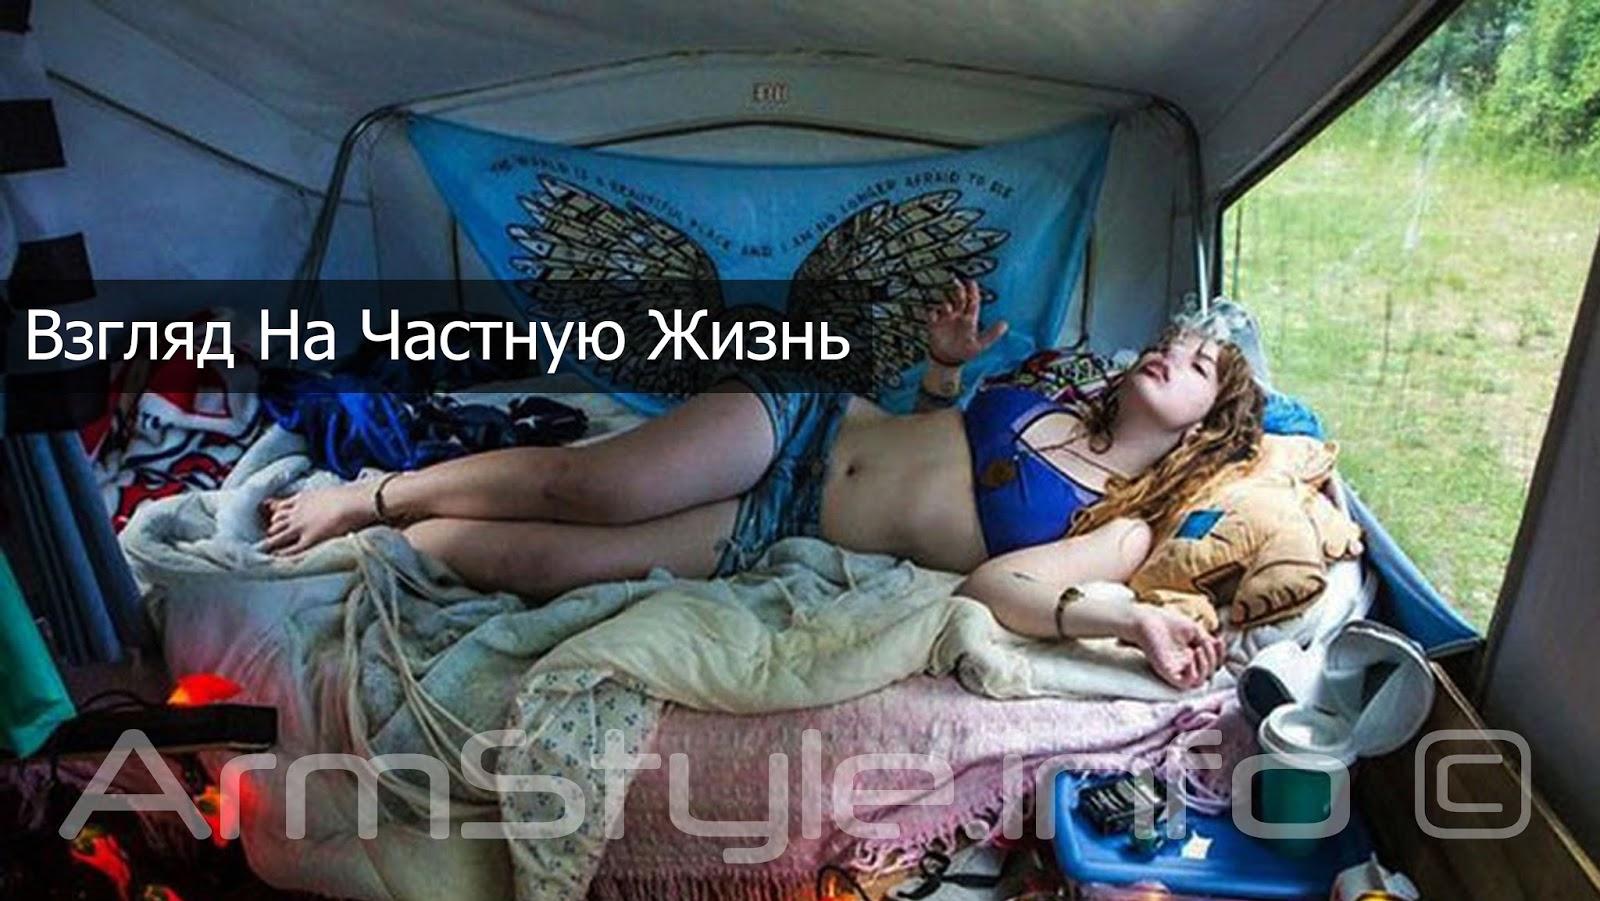 podsmotrel-v-spalne